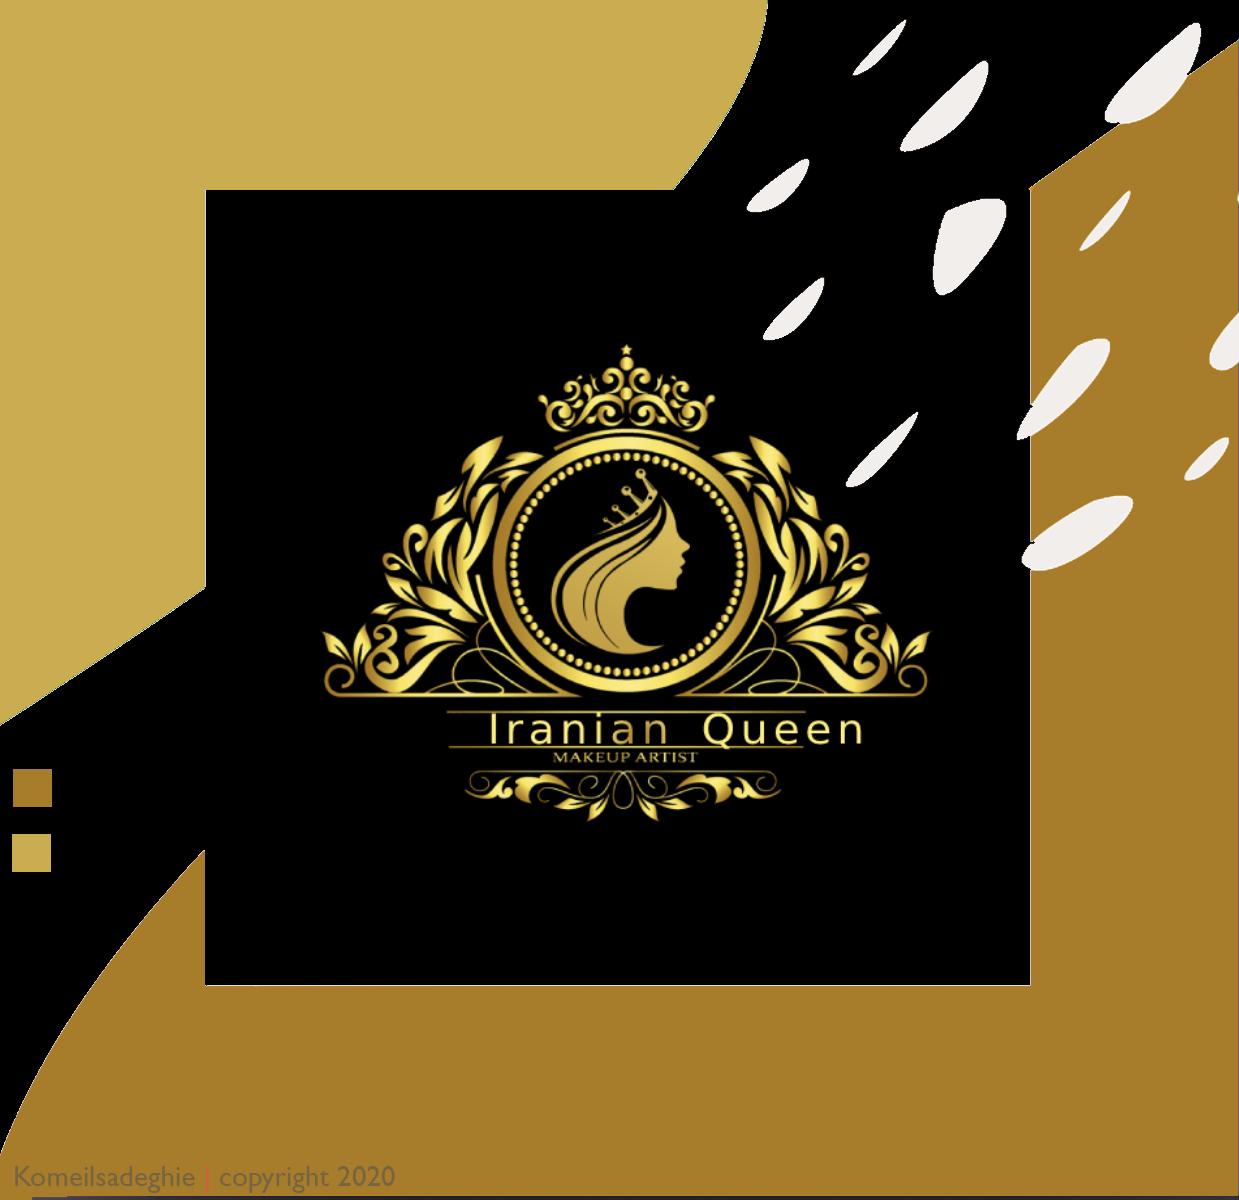 لوگو سالن زیبایی ملکه ایرانی